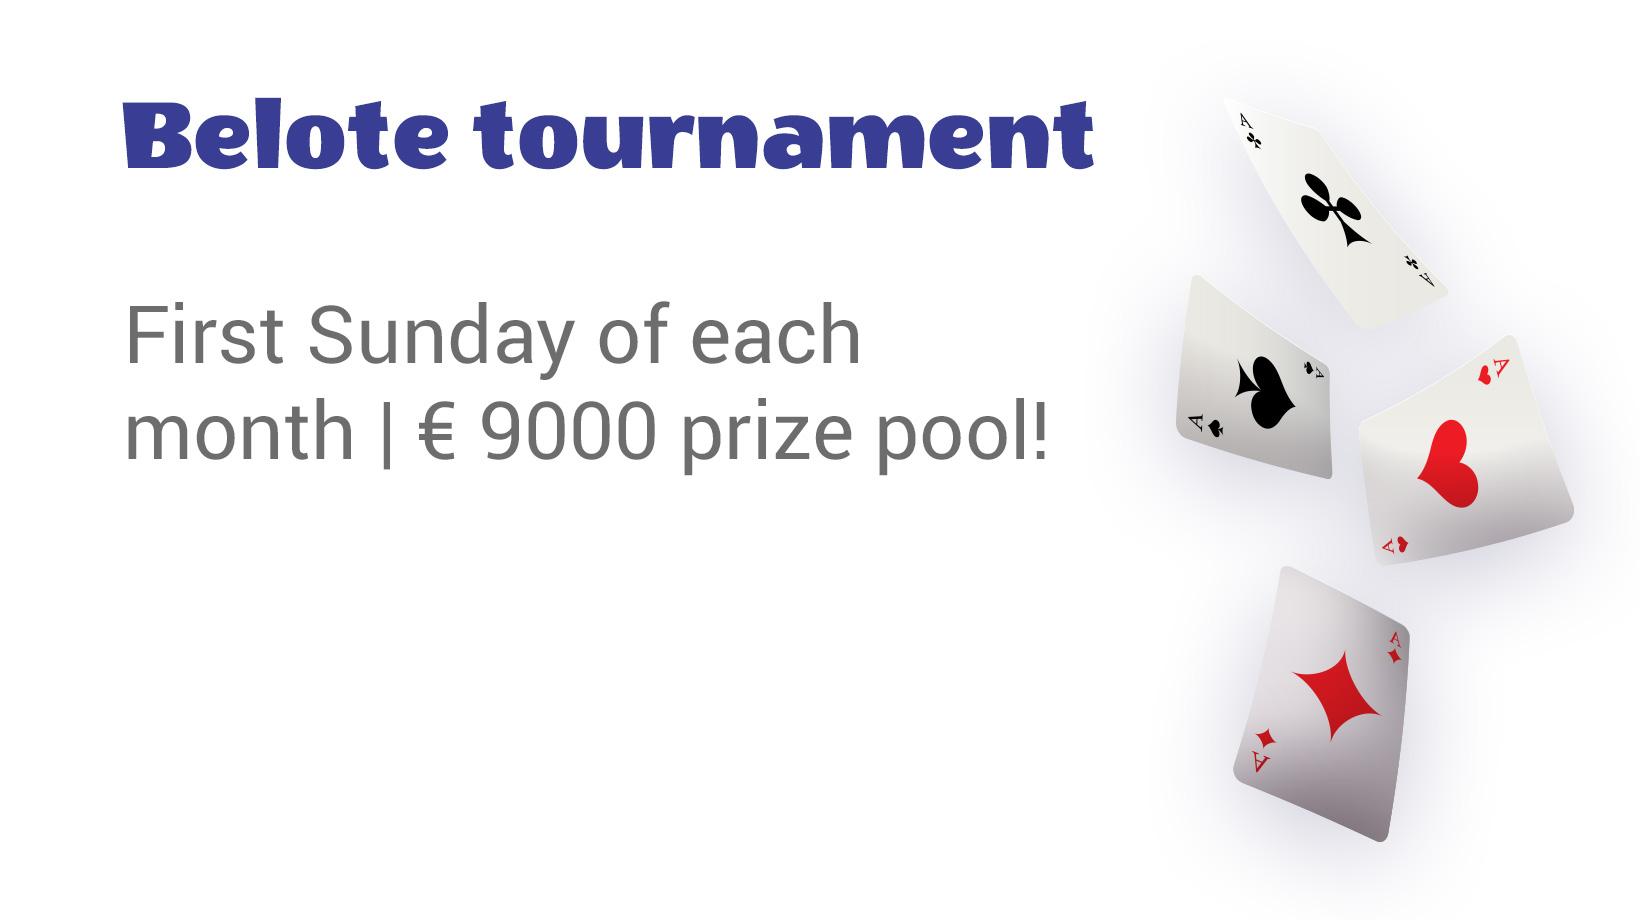 Belote tournament €9000